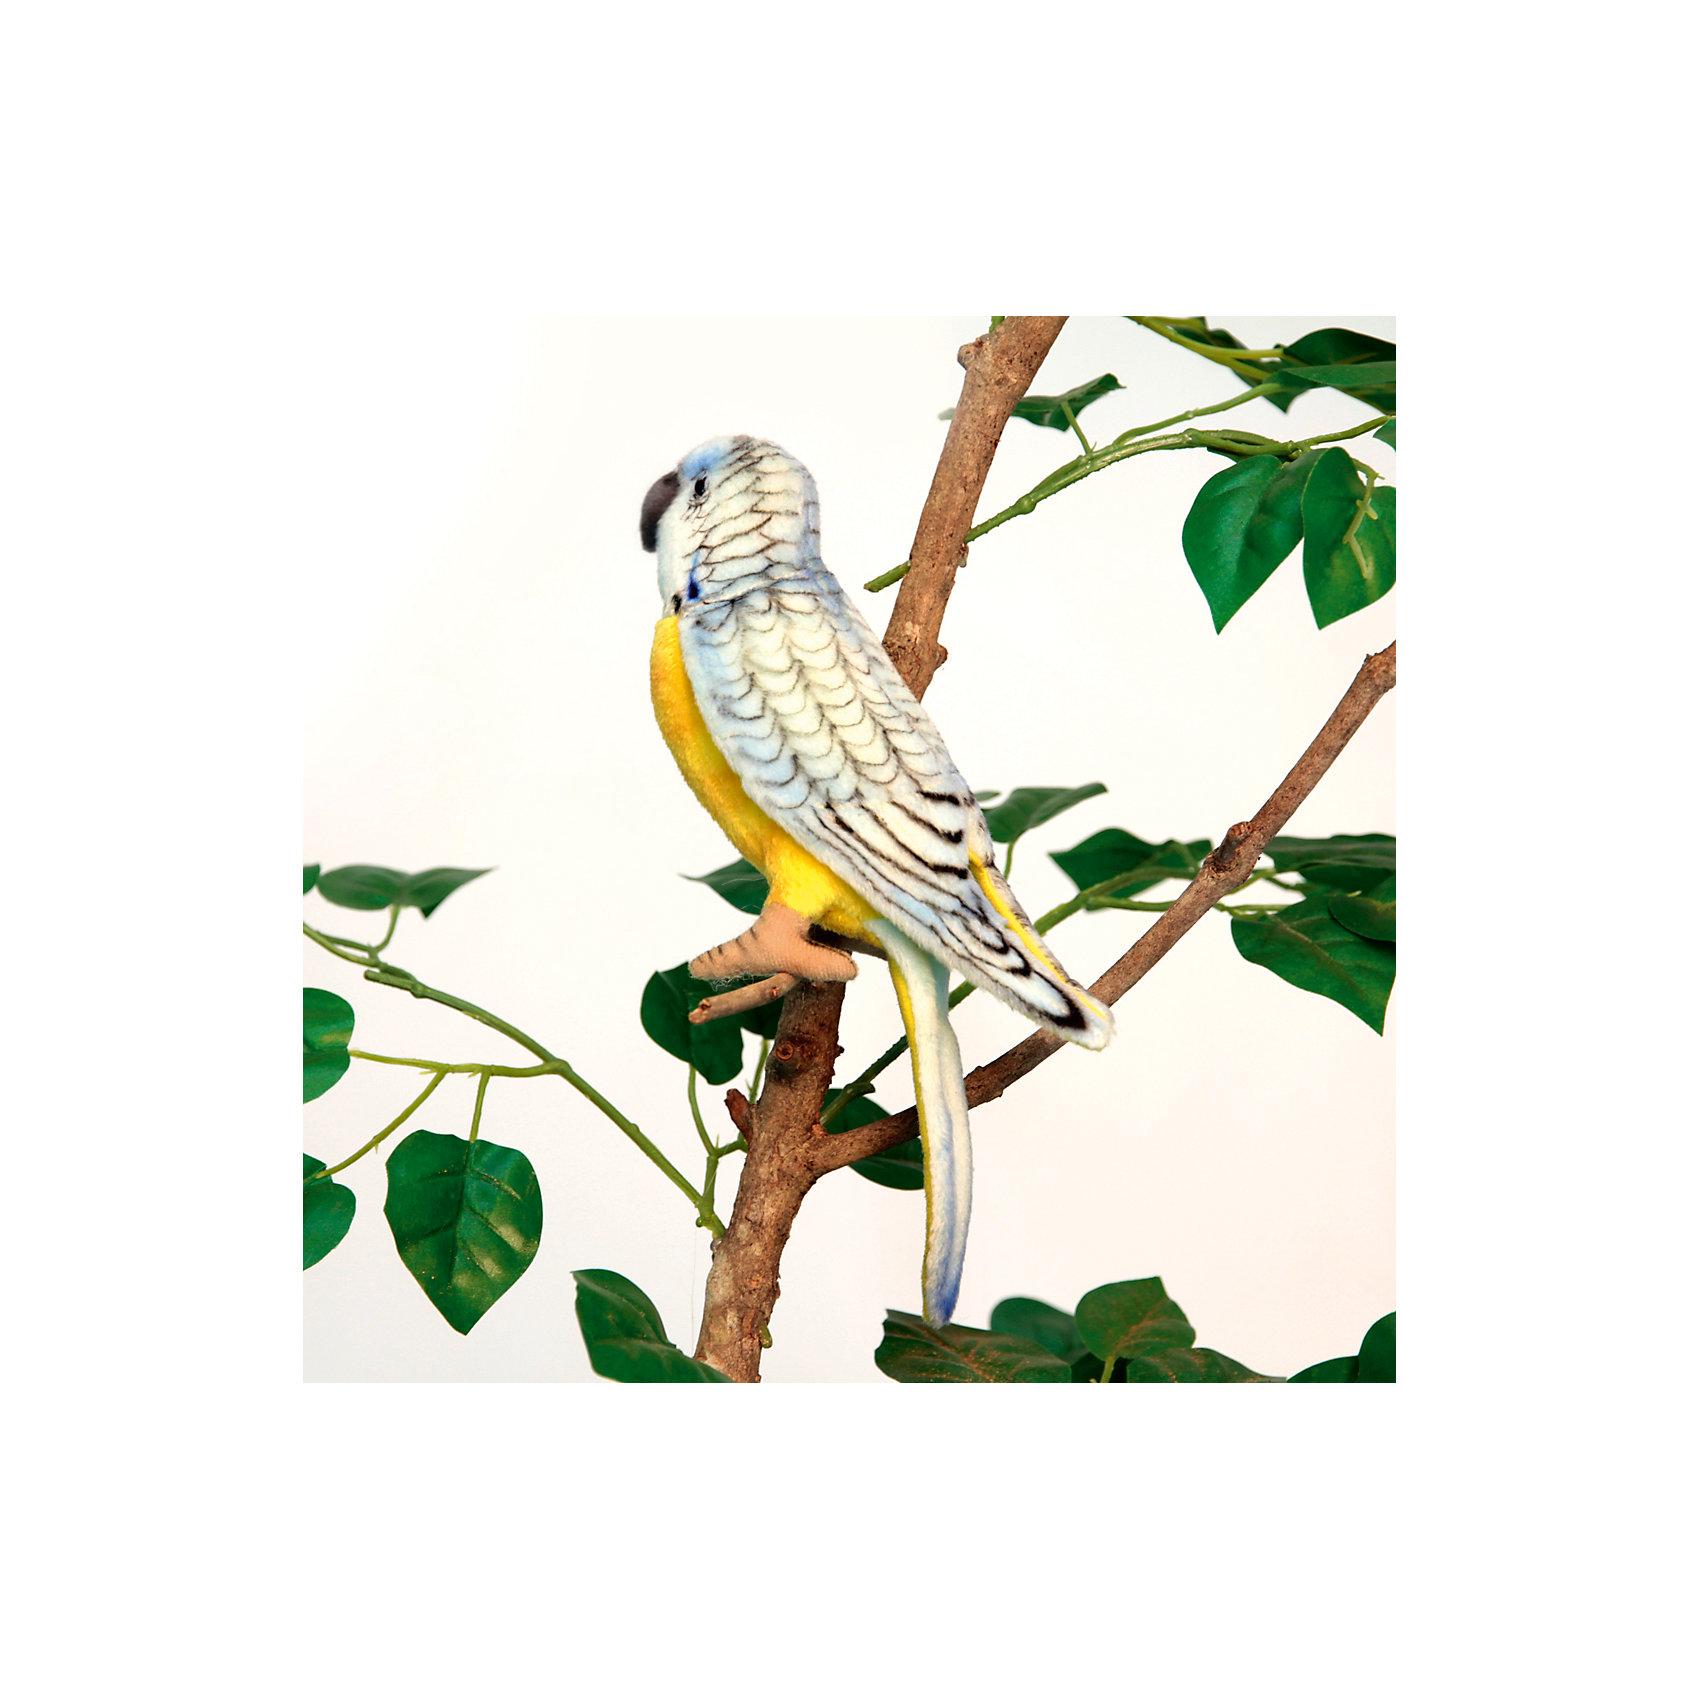 Попугай волнистый голубой, 15 смЗвери и птицы<br>Попугай волнистый голубой, 15 см – игрушка от знаменитого бренда Hansa, специализирующегося на выпуске мягких игрушек с высокой степенью натуралистичности. Внешний вид игрушечного попугая полностью соответствует реальному прототипу – семейству волнистых одомашненных попугаев. Он выполнен из искусственного мехас коротким ворсом. Окрас игрушки полностью имитирует яркое оперение птицы. Использованные материалы обладают гипоаллергенными свойствами. Внутри игрушки имеется металлический каркас, позволяющий изменять положение. <br>Игрушка относится к серии Домашние животные. <br>Мягкие игрушки от Hansa подходят для сюжетно-ролевых игр, для обучающих игр, направленных на знакомство с животным миром дикой природы. Кроме того, их можно использовать в качестве интерьерных игрушек. Коллекция из нескольких игрушек позволяет создать свой домашний зоопарк, который будет радовать вашего ребенка долгое время, так как ручная работа и качественные материалы гарантируют их долговечность и прочность.<br><br>Дополнительная информация:<br><br>- Вид игр: сюжетно-ролевые игры, коллекционирование, интерьерные игрушки<br>- Предназначение: для дома, для детских развивающих центров, для детских садов<br>- Материал: искусственный мех, наполнитель ? полиэфирное волокно<br>- Размер (ДхШхВ): 7*15*5 см<br>- Вес: 210 г<br>- Особенности ухода: сухая чистка при помощи пылесоса или щетки для одежды<br><br>Подробнее:<br><br>• Для детей в возрасте: от 3 лет <br>• Страна производитель: Филиппины<br>• Торговый бренд: Hansa<br><br>Попугай волнистый голубой, 15 см можно купить в нашем интернет-магазине.<br><br>Ширина мм: 7<br>Глубина мм: 15<br>Высота мм: 5<br>Вес г: 210<br>Возраст от месяцев: 36<br>Возраст до месяцев: 2147483647<br>Пол: Унисекс<br>Возраст: Детский<br>SKU: 4927192